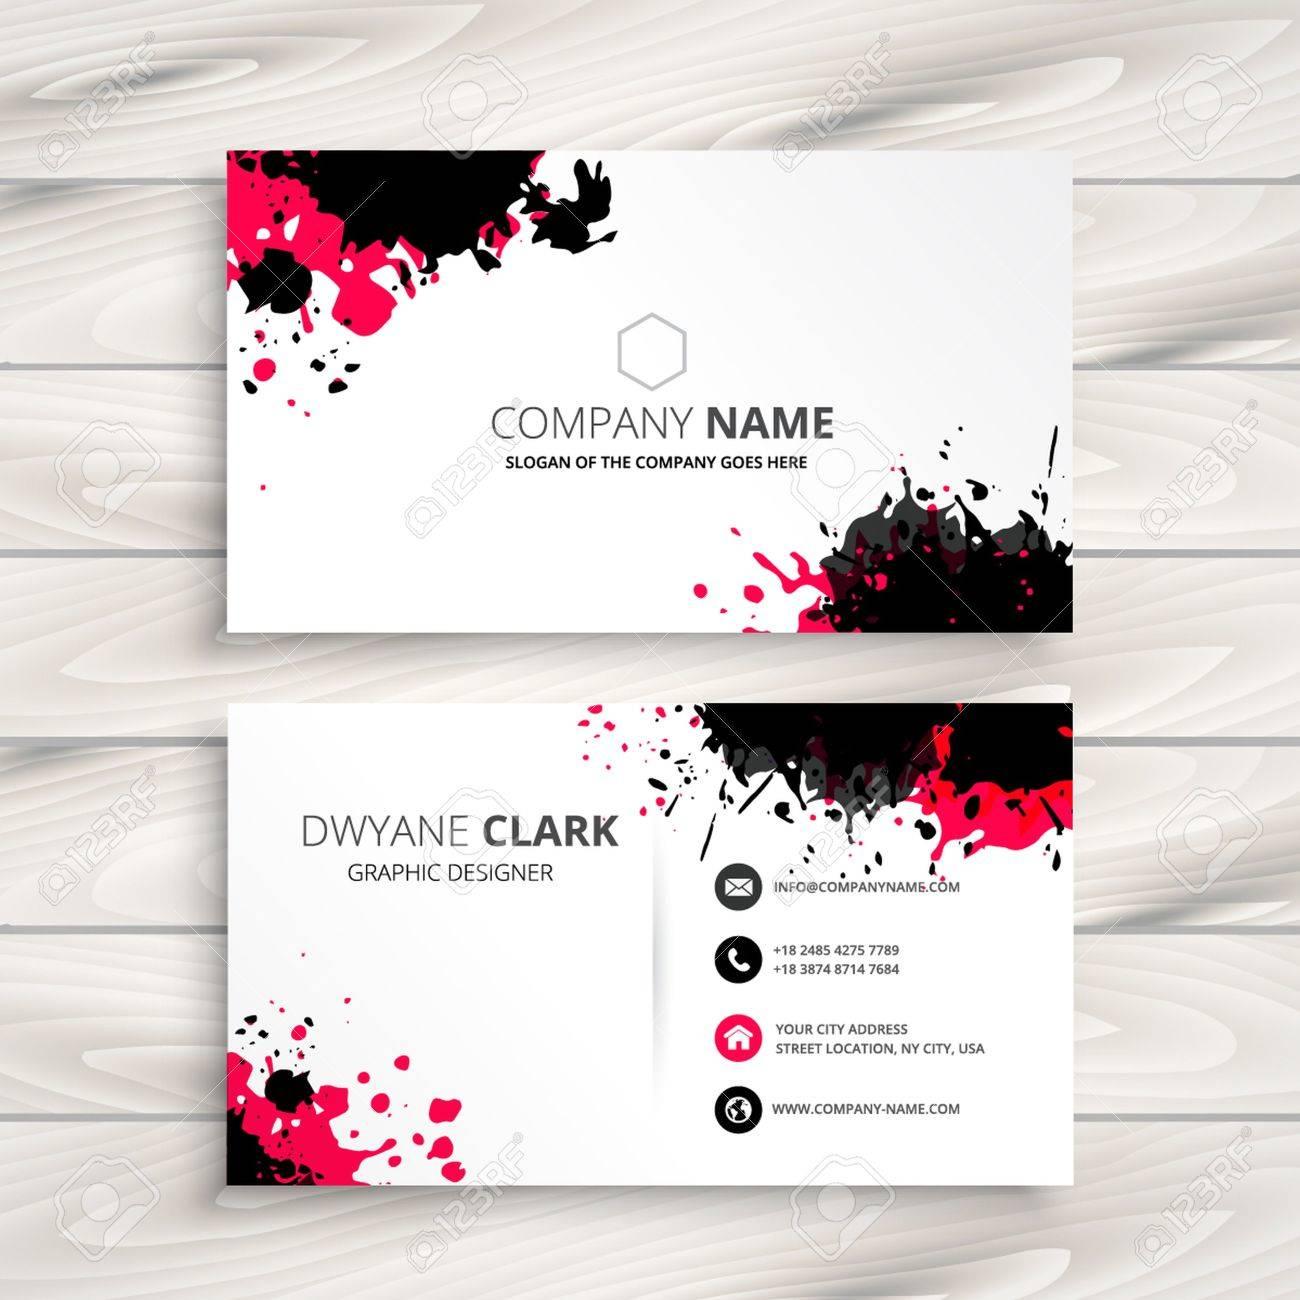 ink splash business card - 53482092